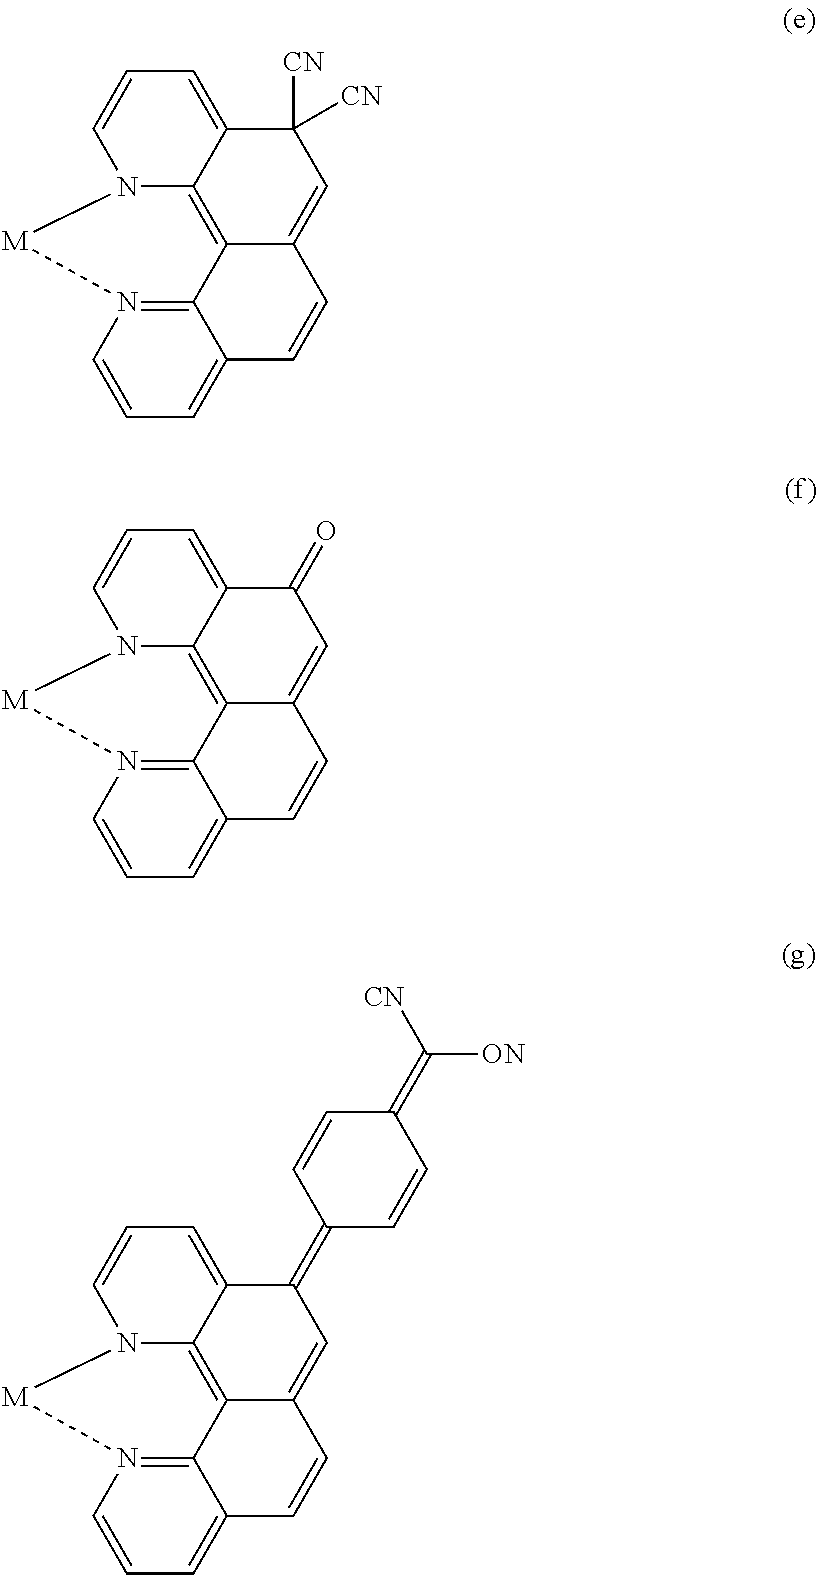 Figure US09966544-20180508-C00010